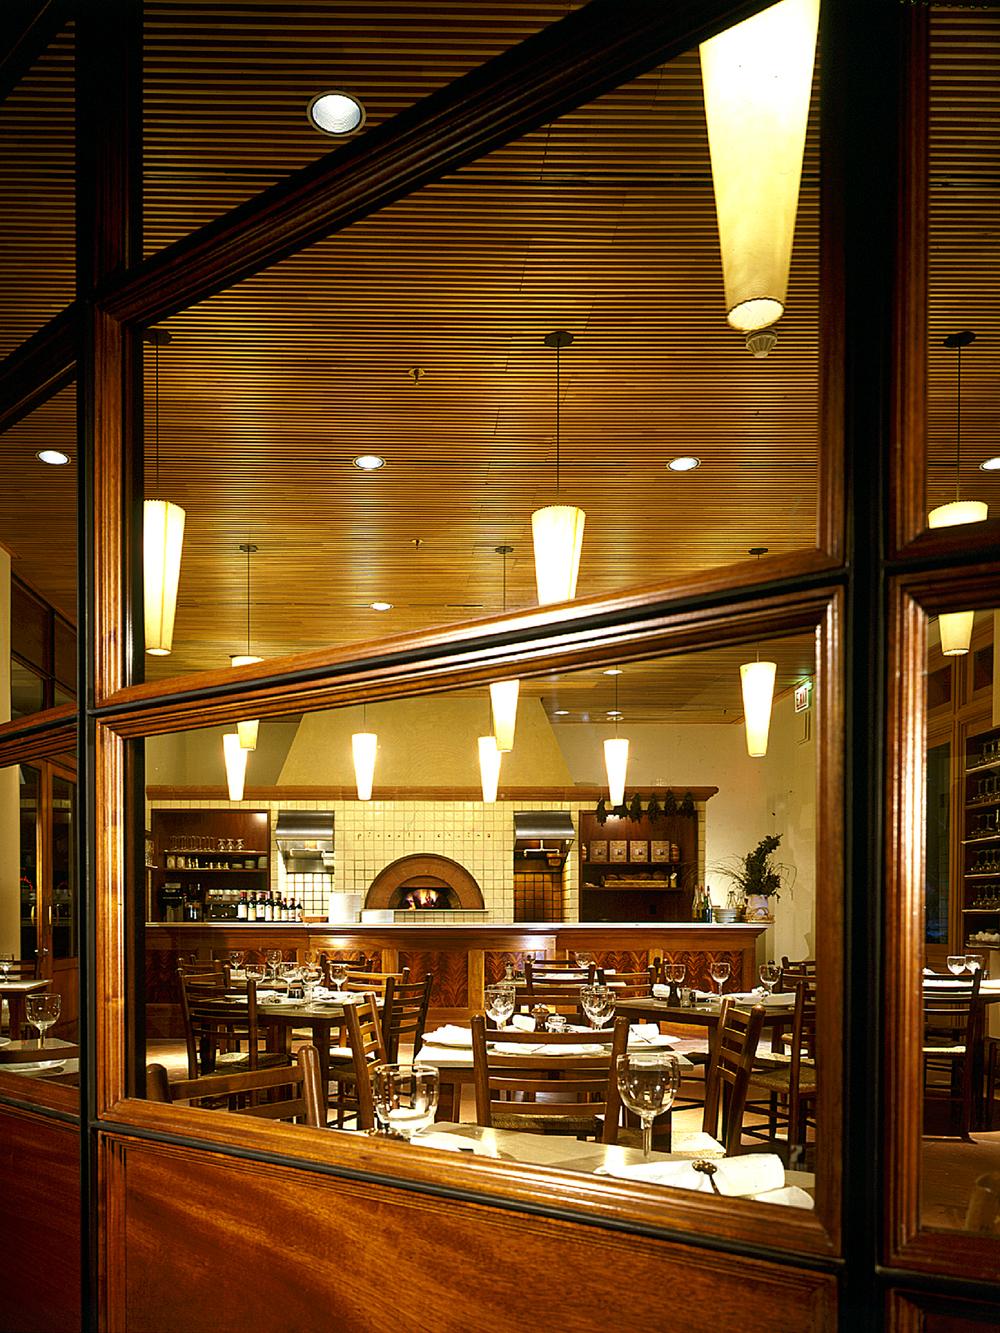 Piccola Cucina Cafe